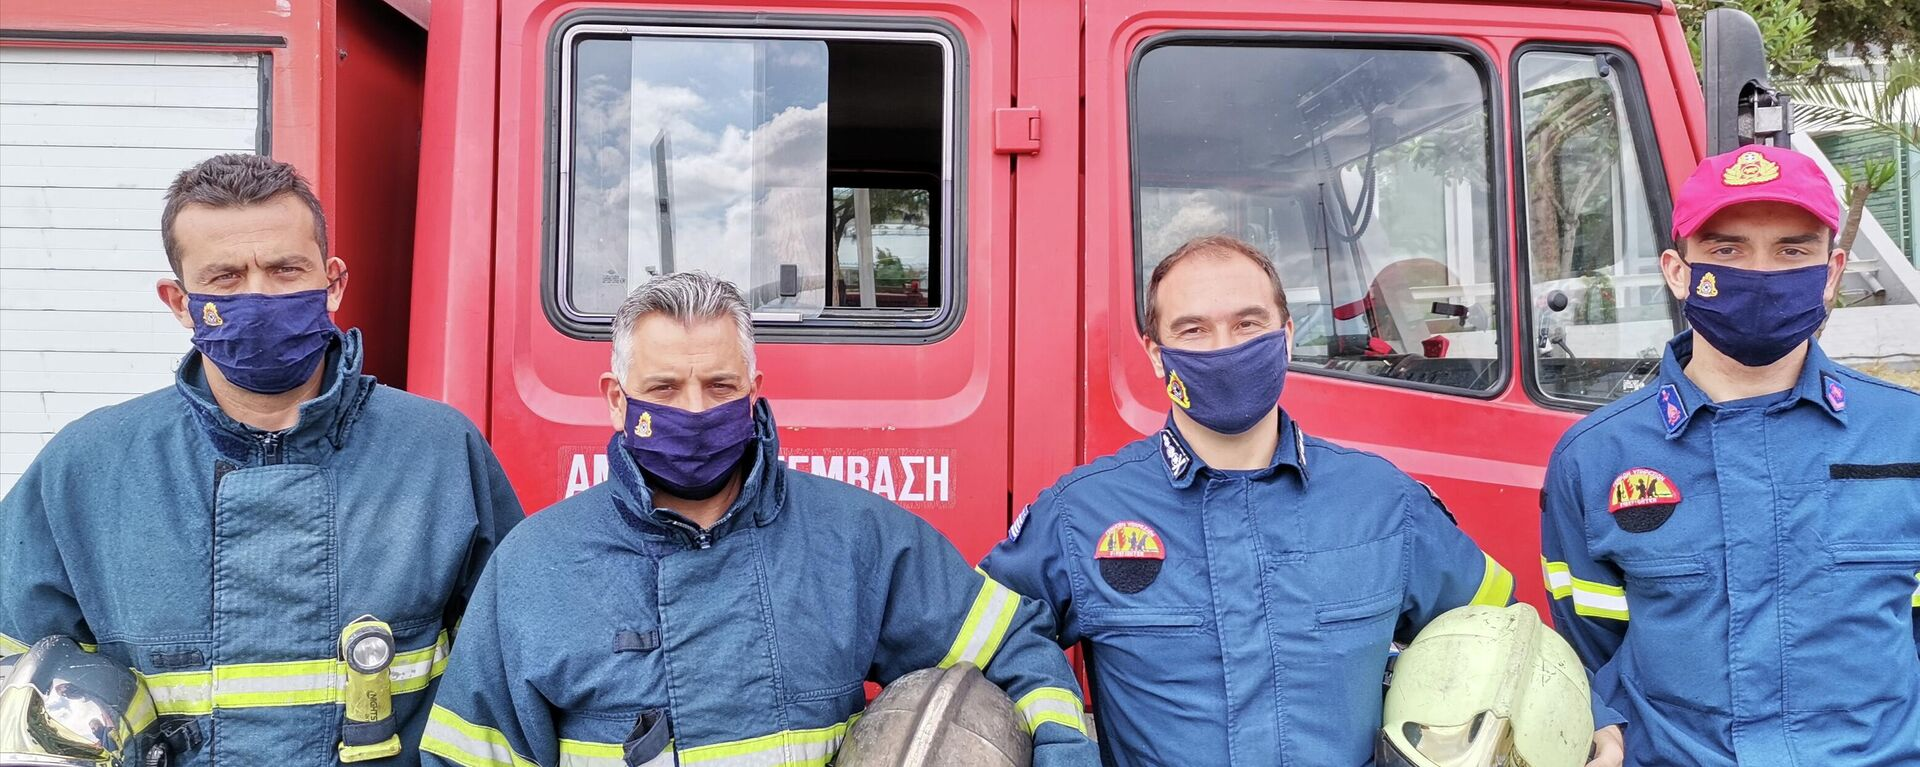 Πυροσβέστες στον 9ο πυροσβεστικό σταθμό Αθηνών - Sputnik Ελλάδα, 1920, 20.09.2021